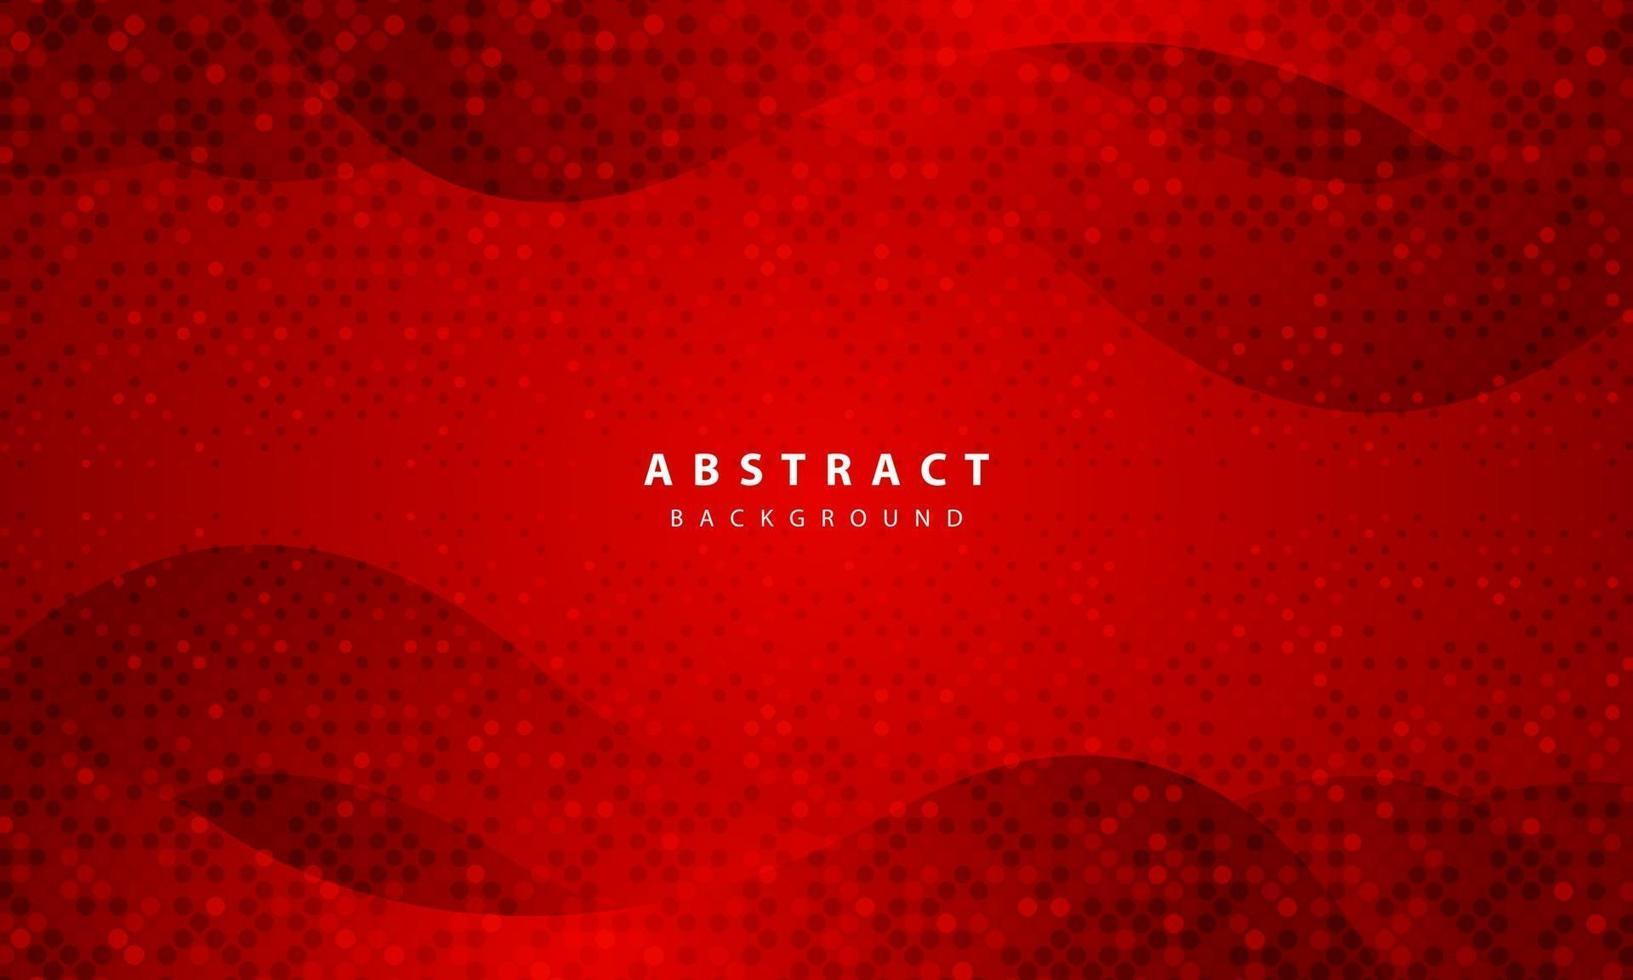 mörk abstrakt bakgrund med röda överlappande lager. realistisk konsistens med gyllene glitter prickar element dekoration. vektor